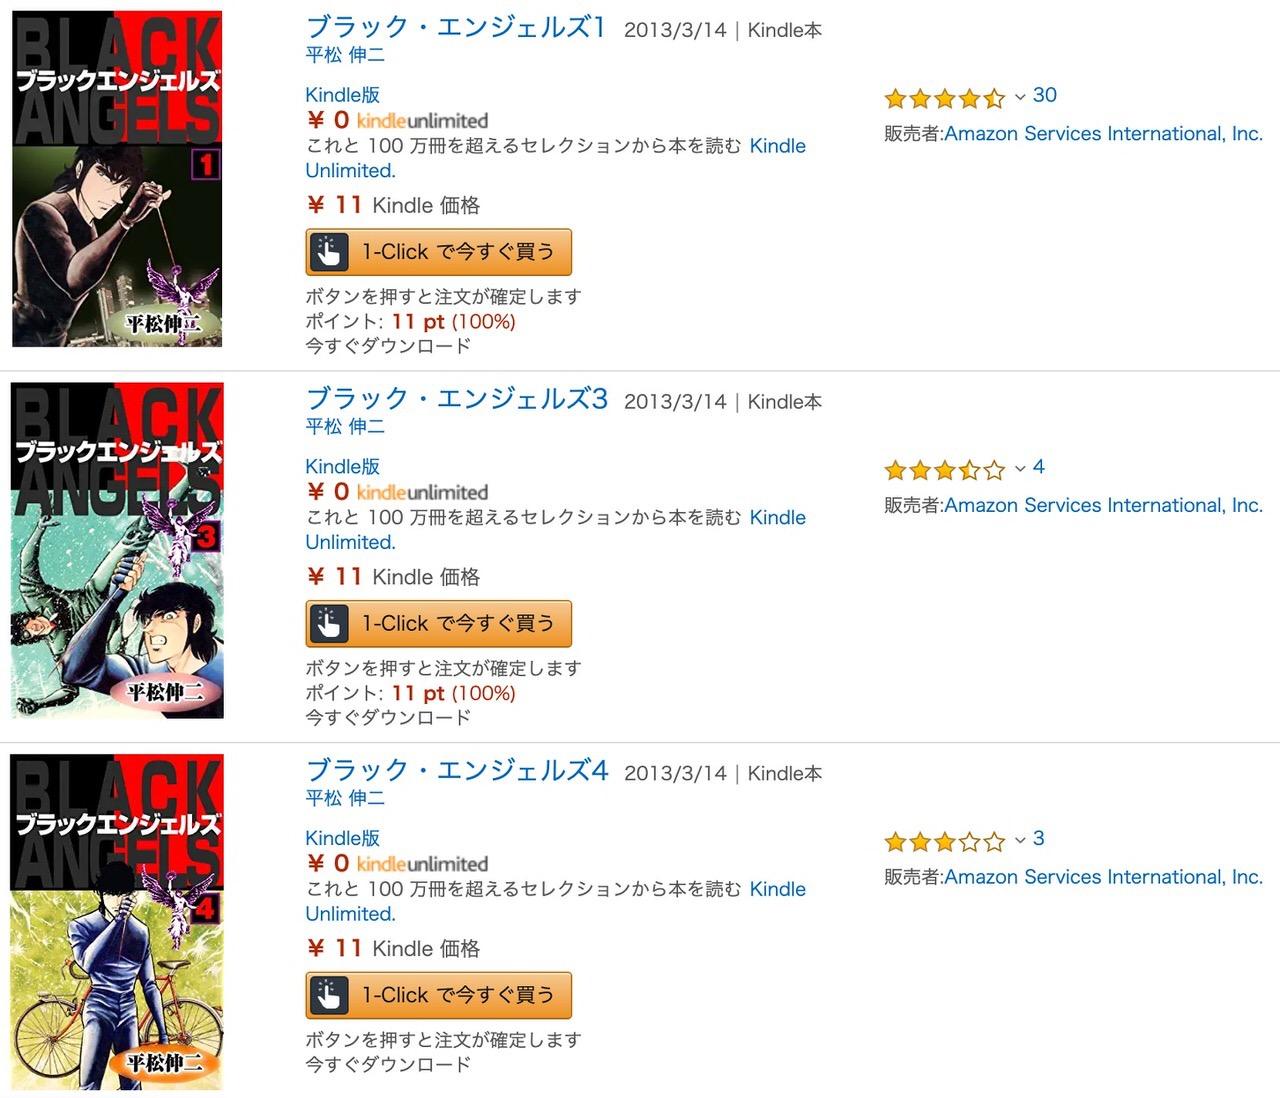 【Kindleセール】ブラック・エンジェルズが11円「読んだらハマる名作マンガフェア」(9/26まで)